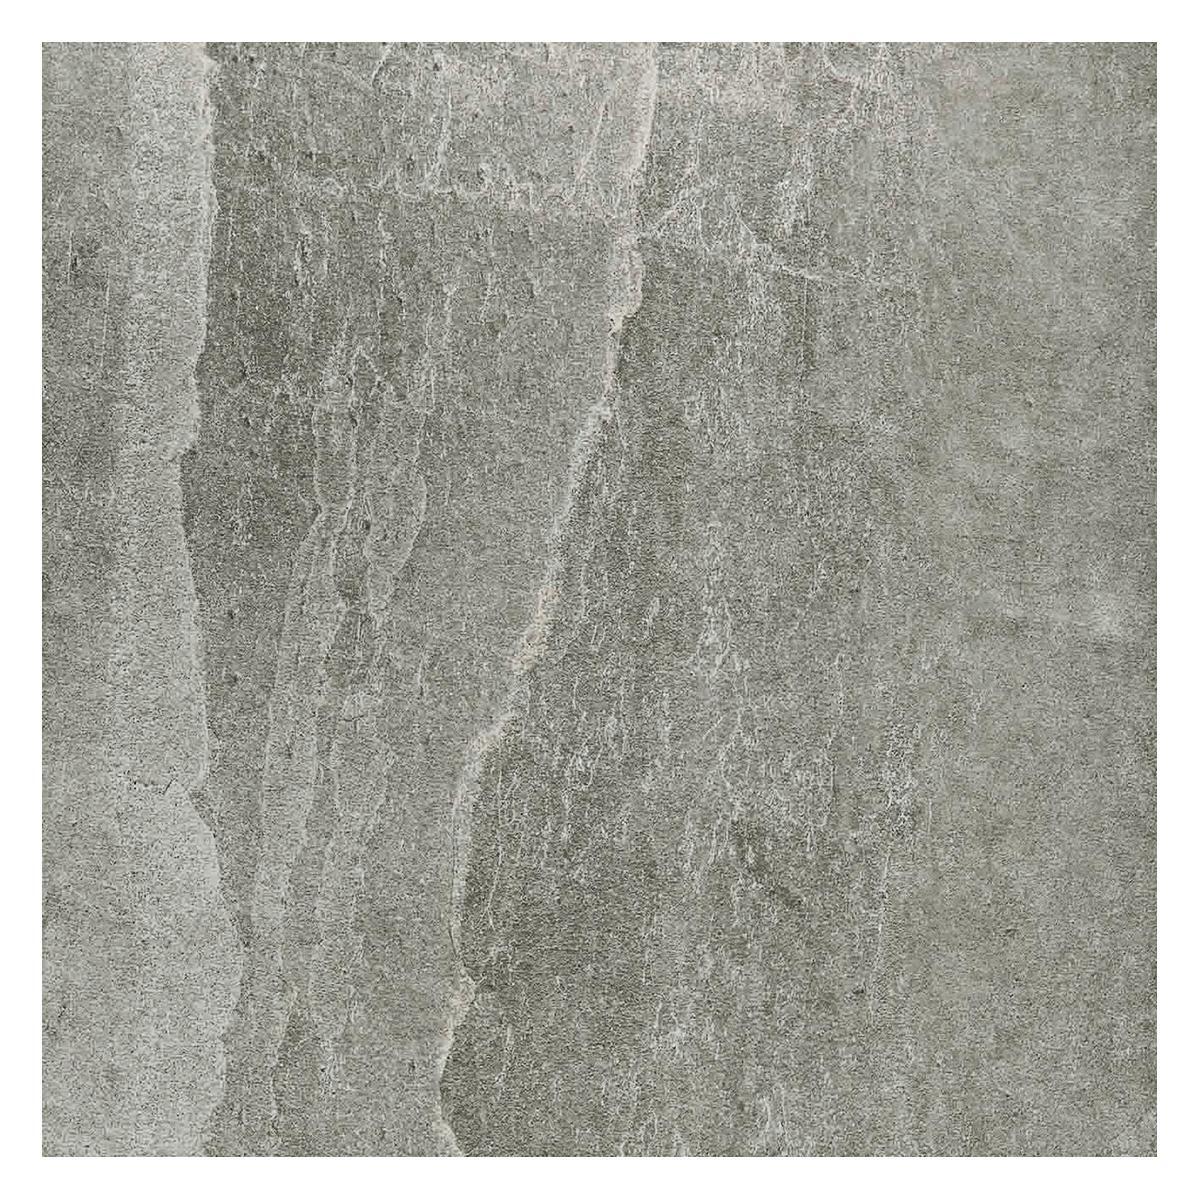 Porcelanato X Rock Gris Mate - 60X60 cm - 1.08 m2